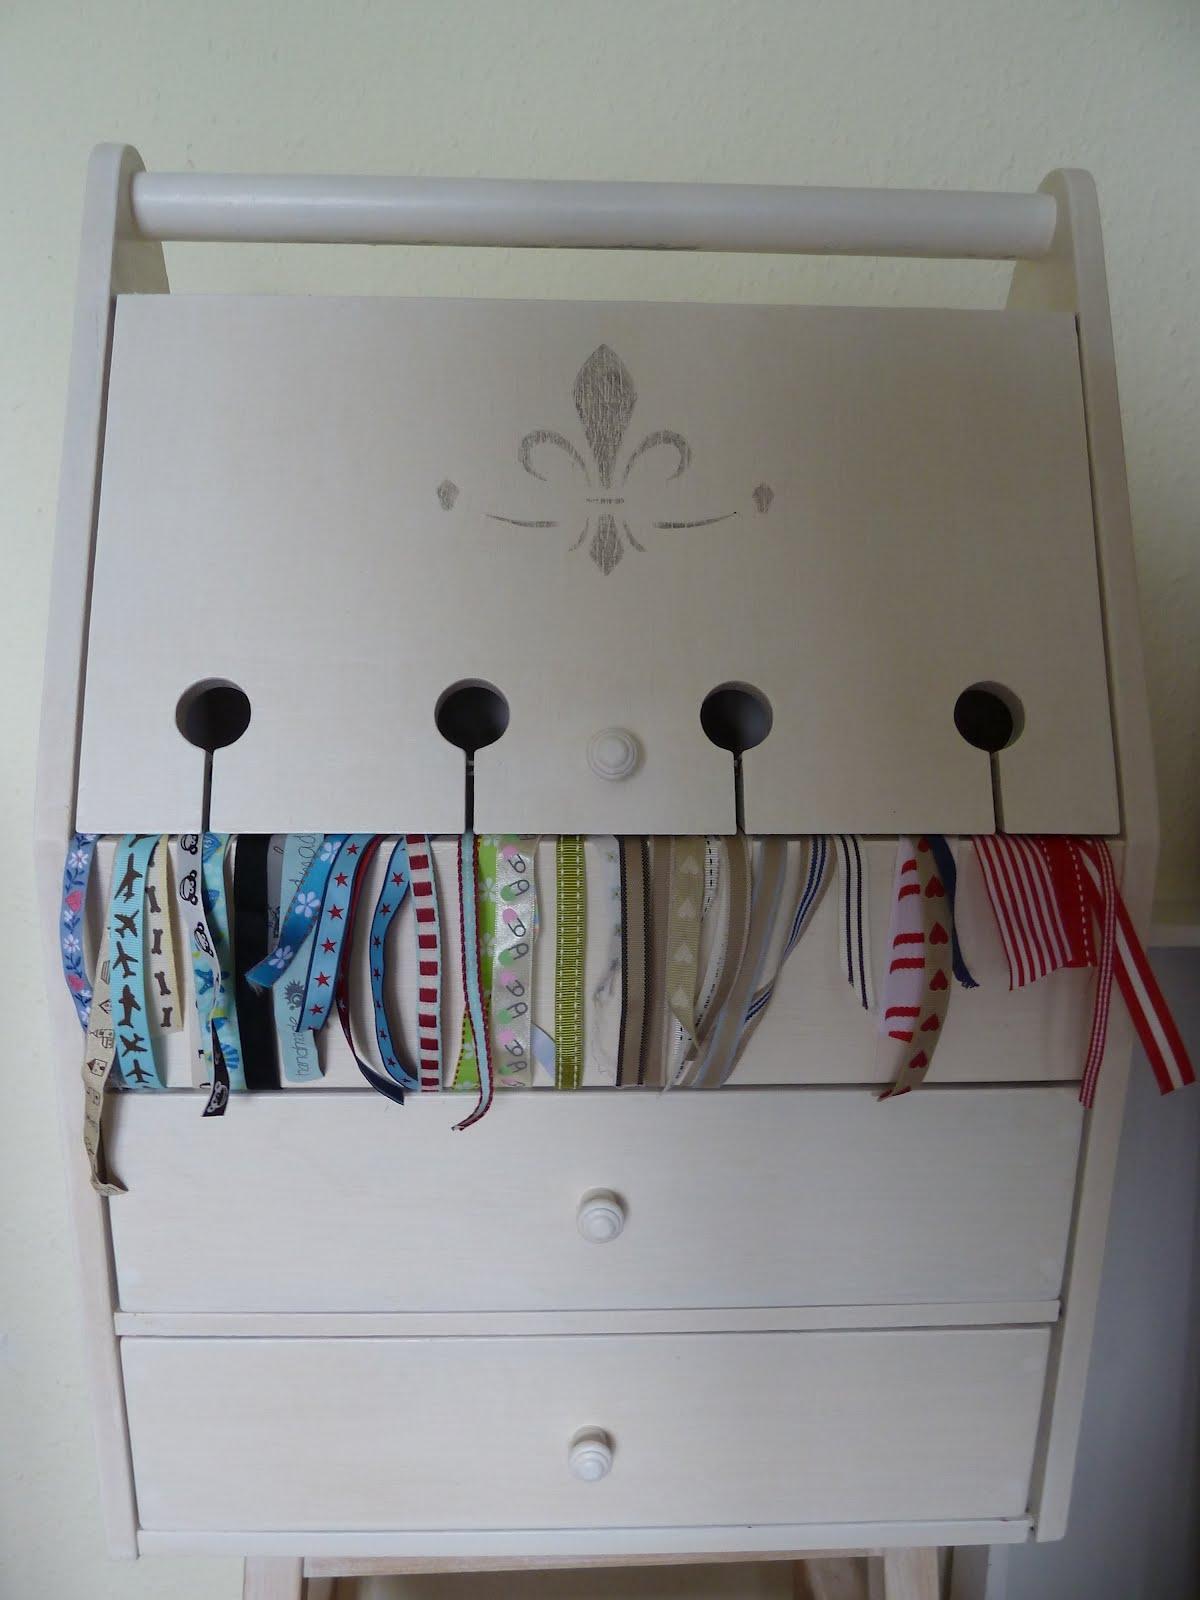 die kleine m we mein schleifen und b nder schrank das mu ich euch zeigen habe einen ganz. Black Bedroom Furniture Sets. Home Design Ideas